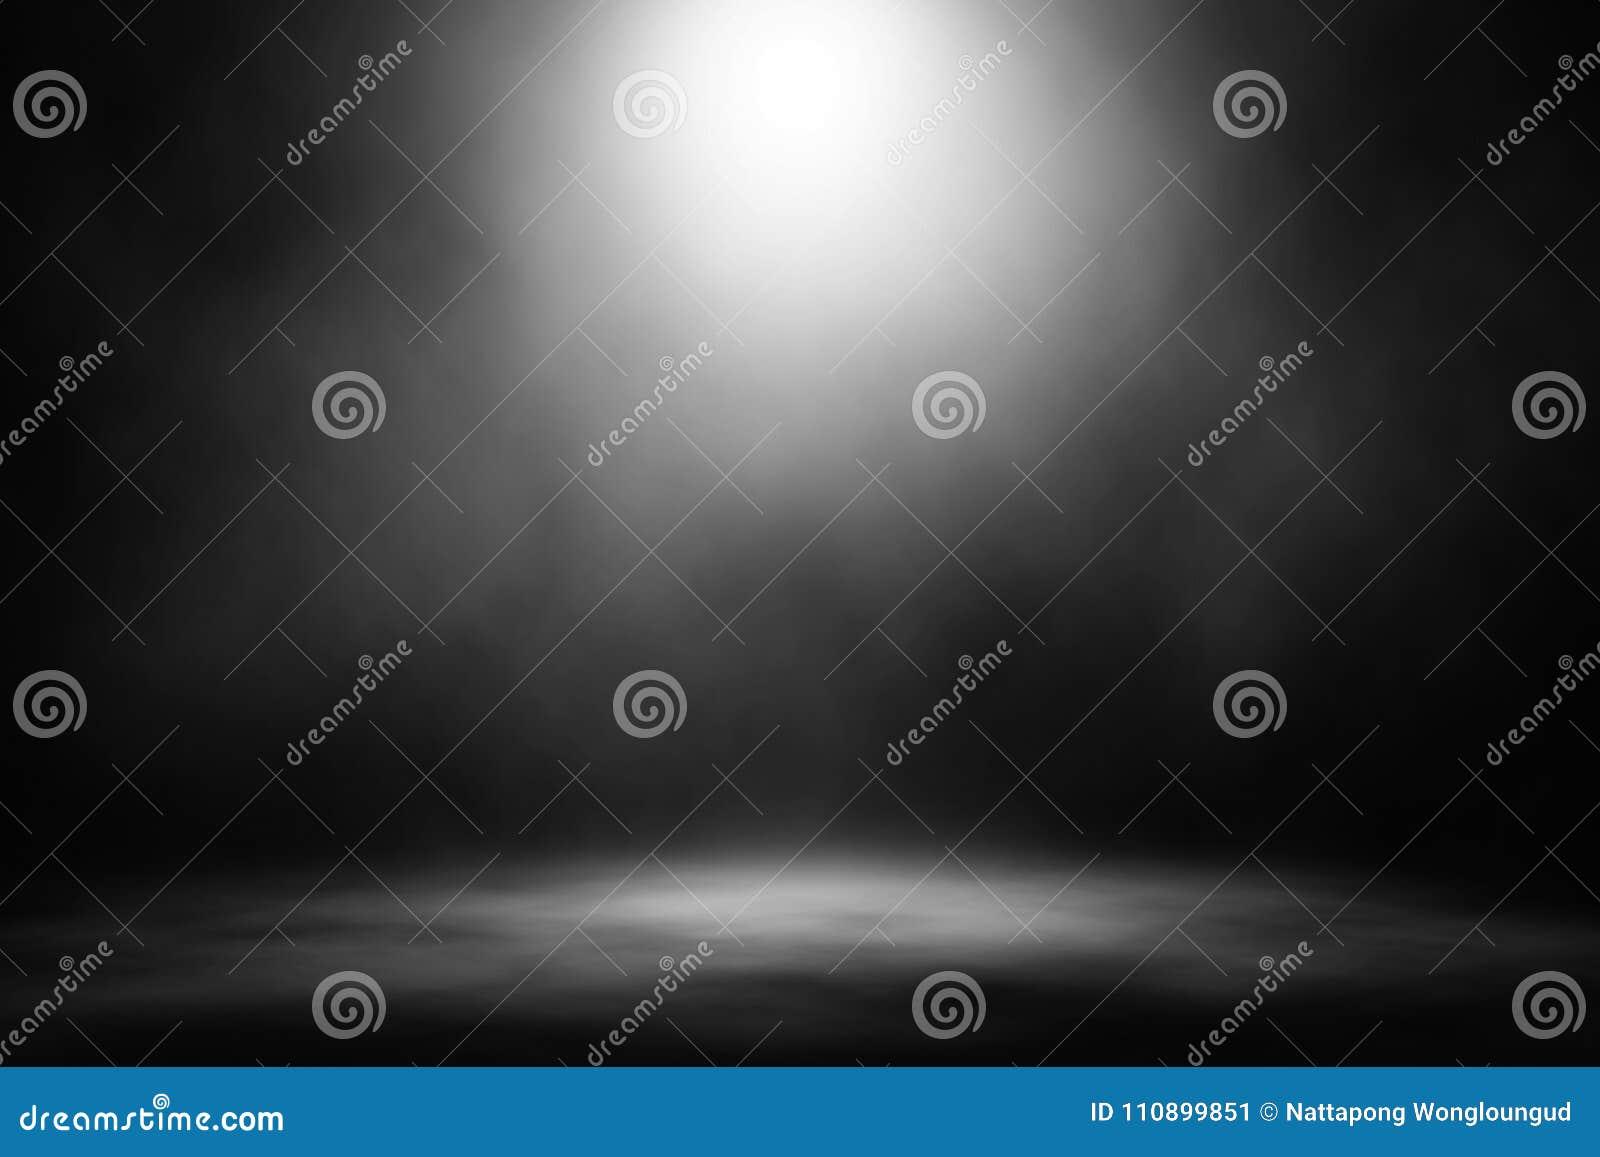 White spotlight smoke stage entertainment background.